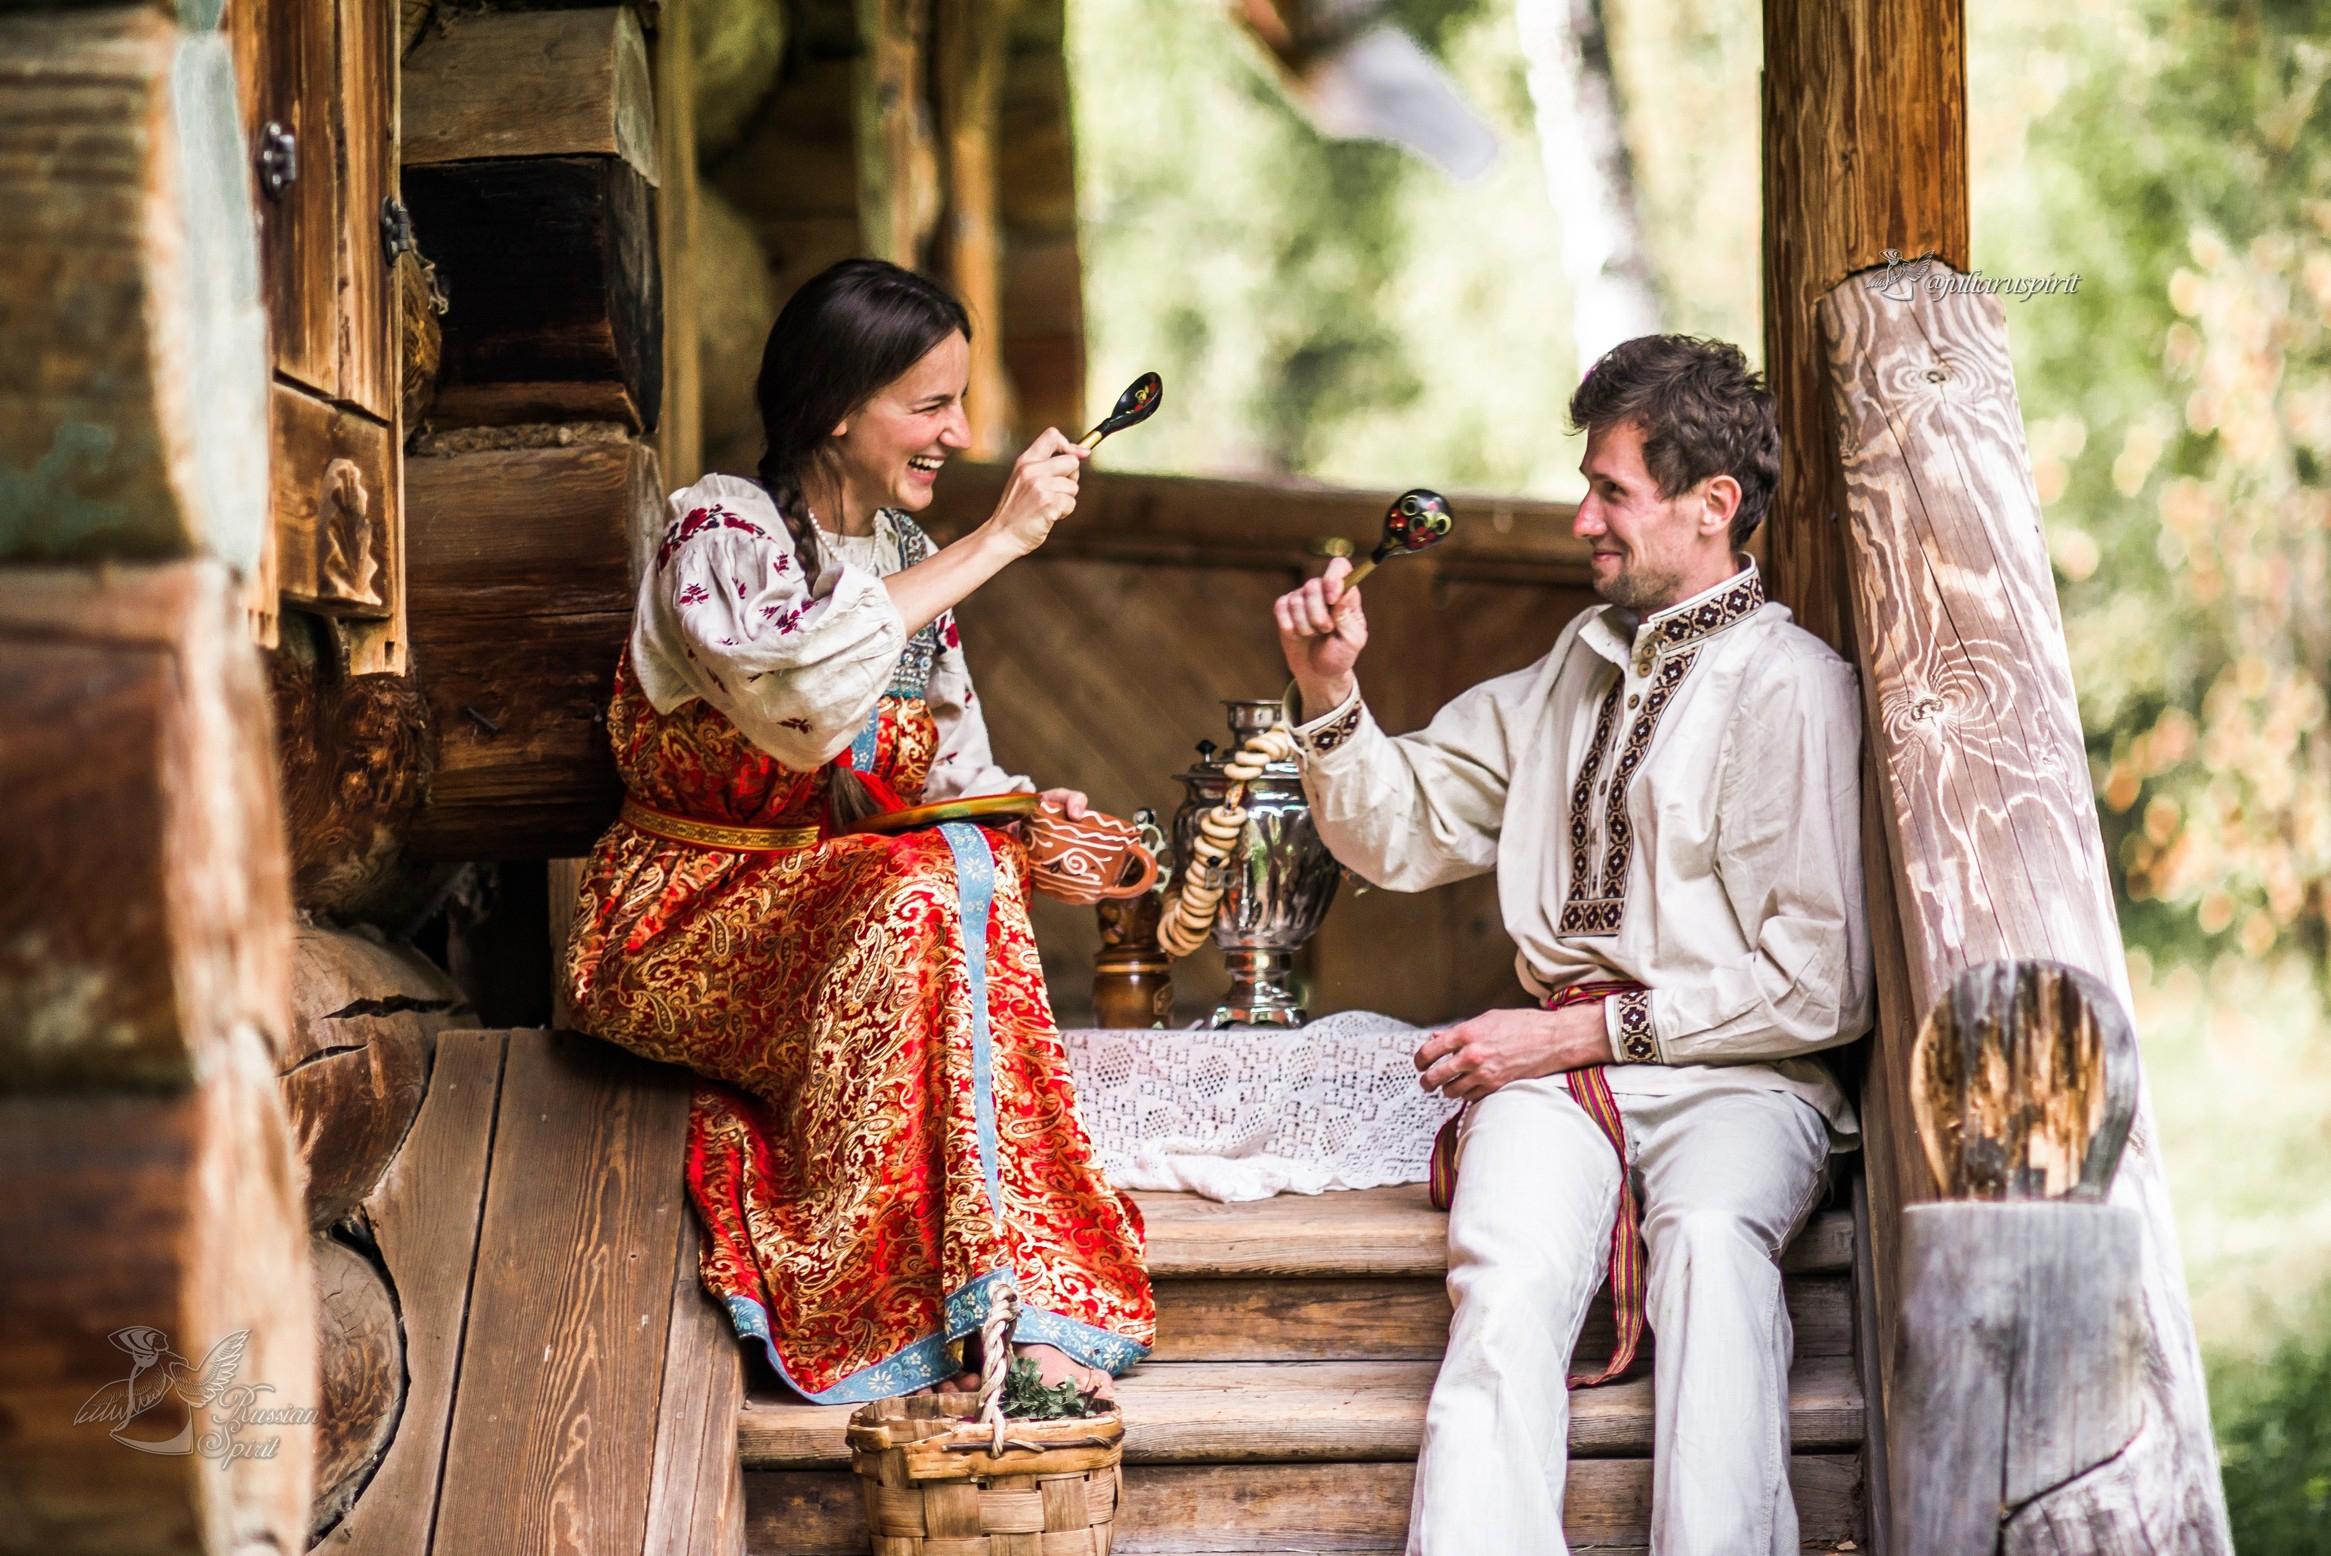 Девушка и парень пьют чай из самовара на крылечке деревянного дома в русском стиле